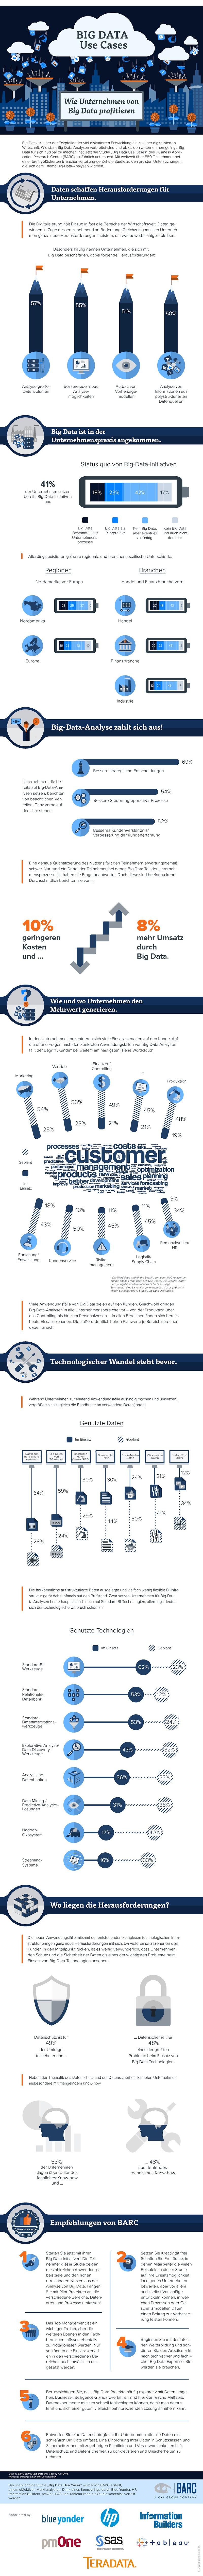 infografik barc big data use cases